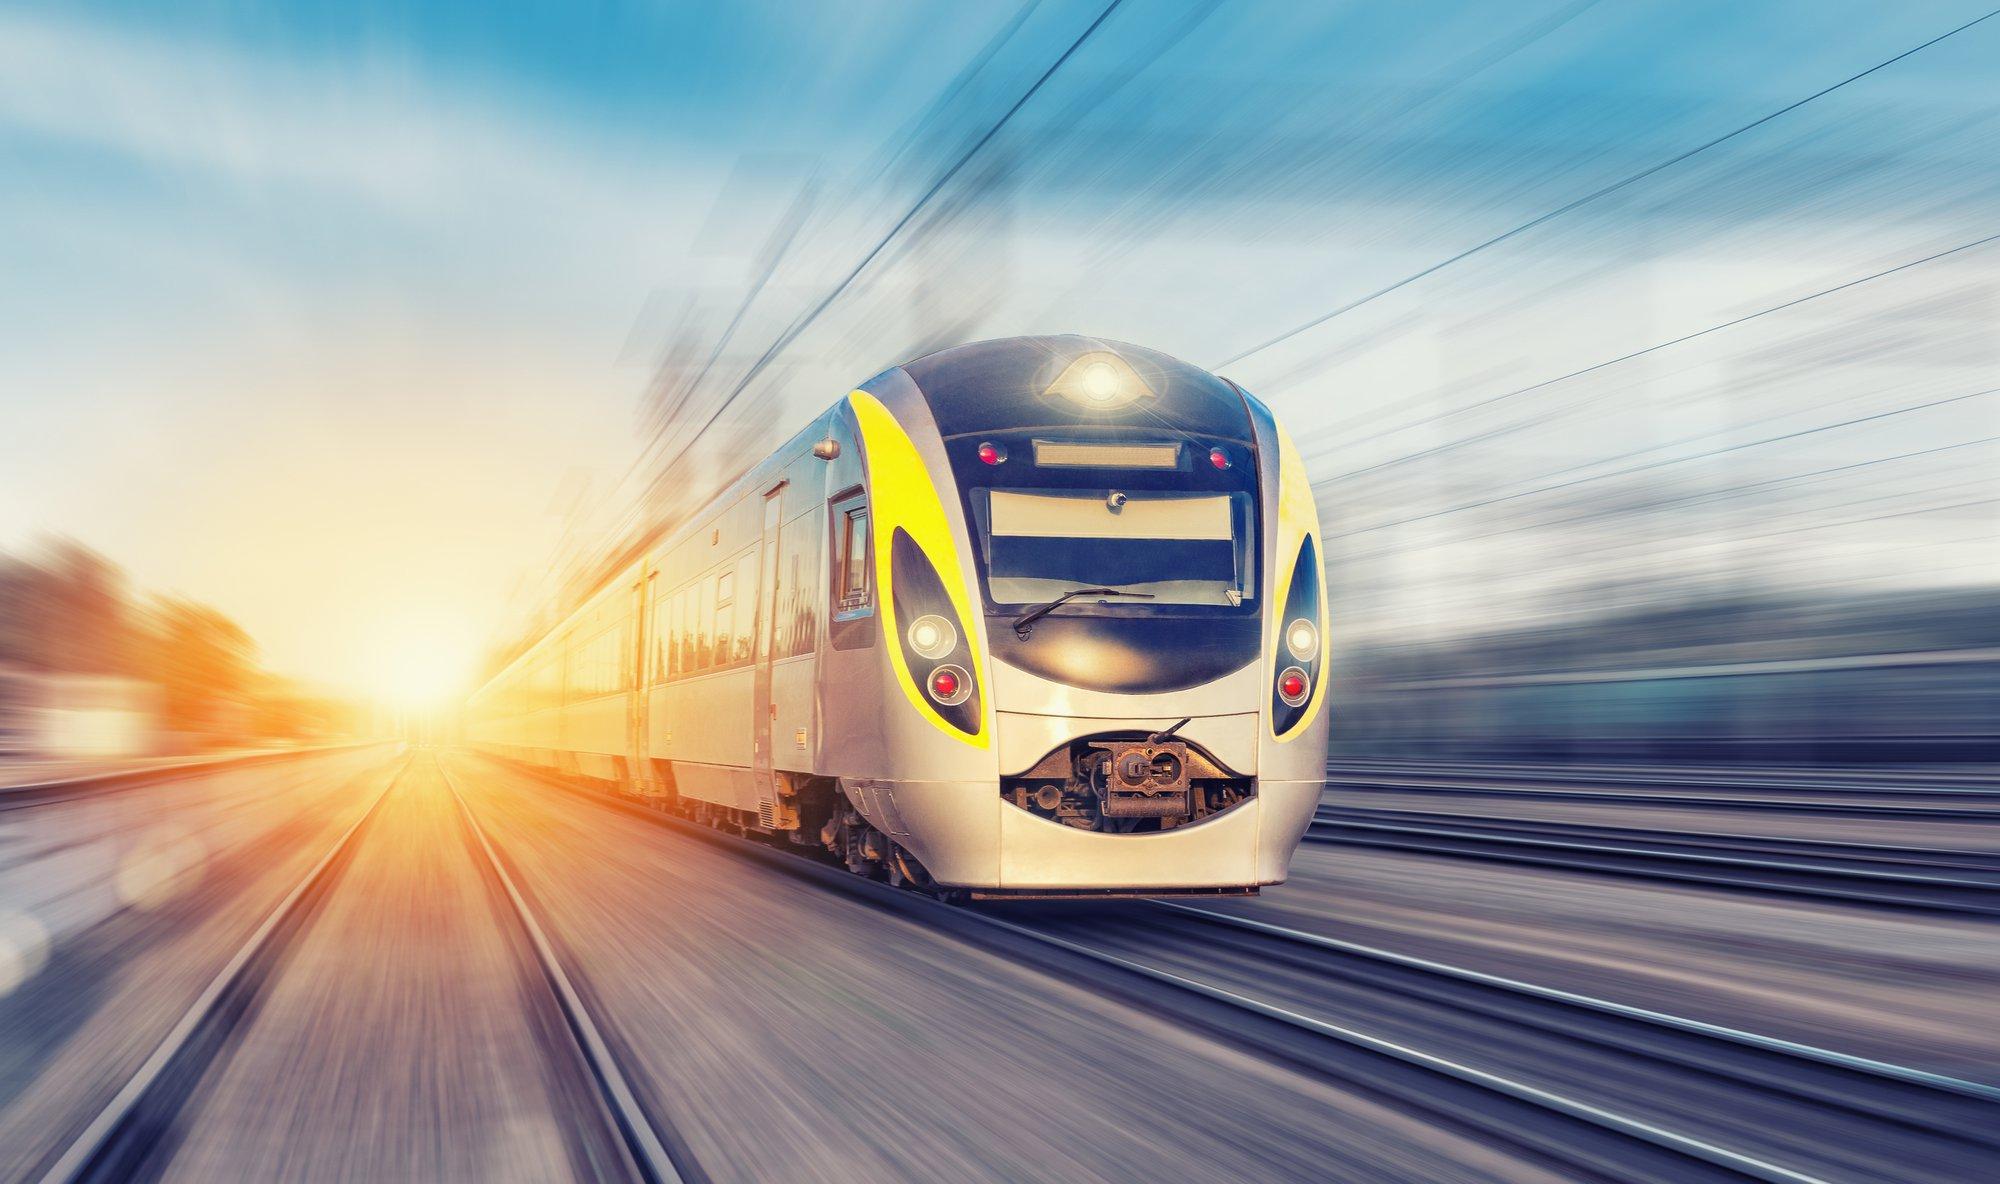 Vlarem-trein 2017: wat is er veranderd?